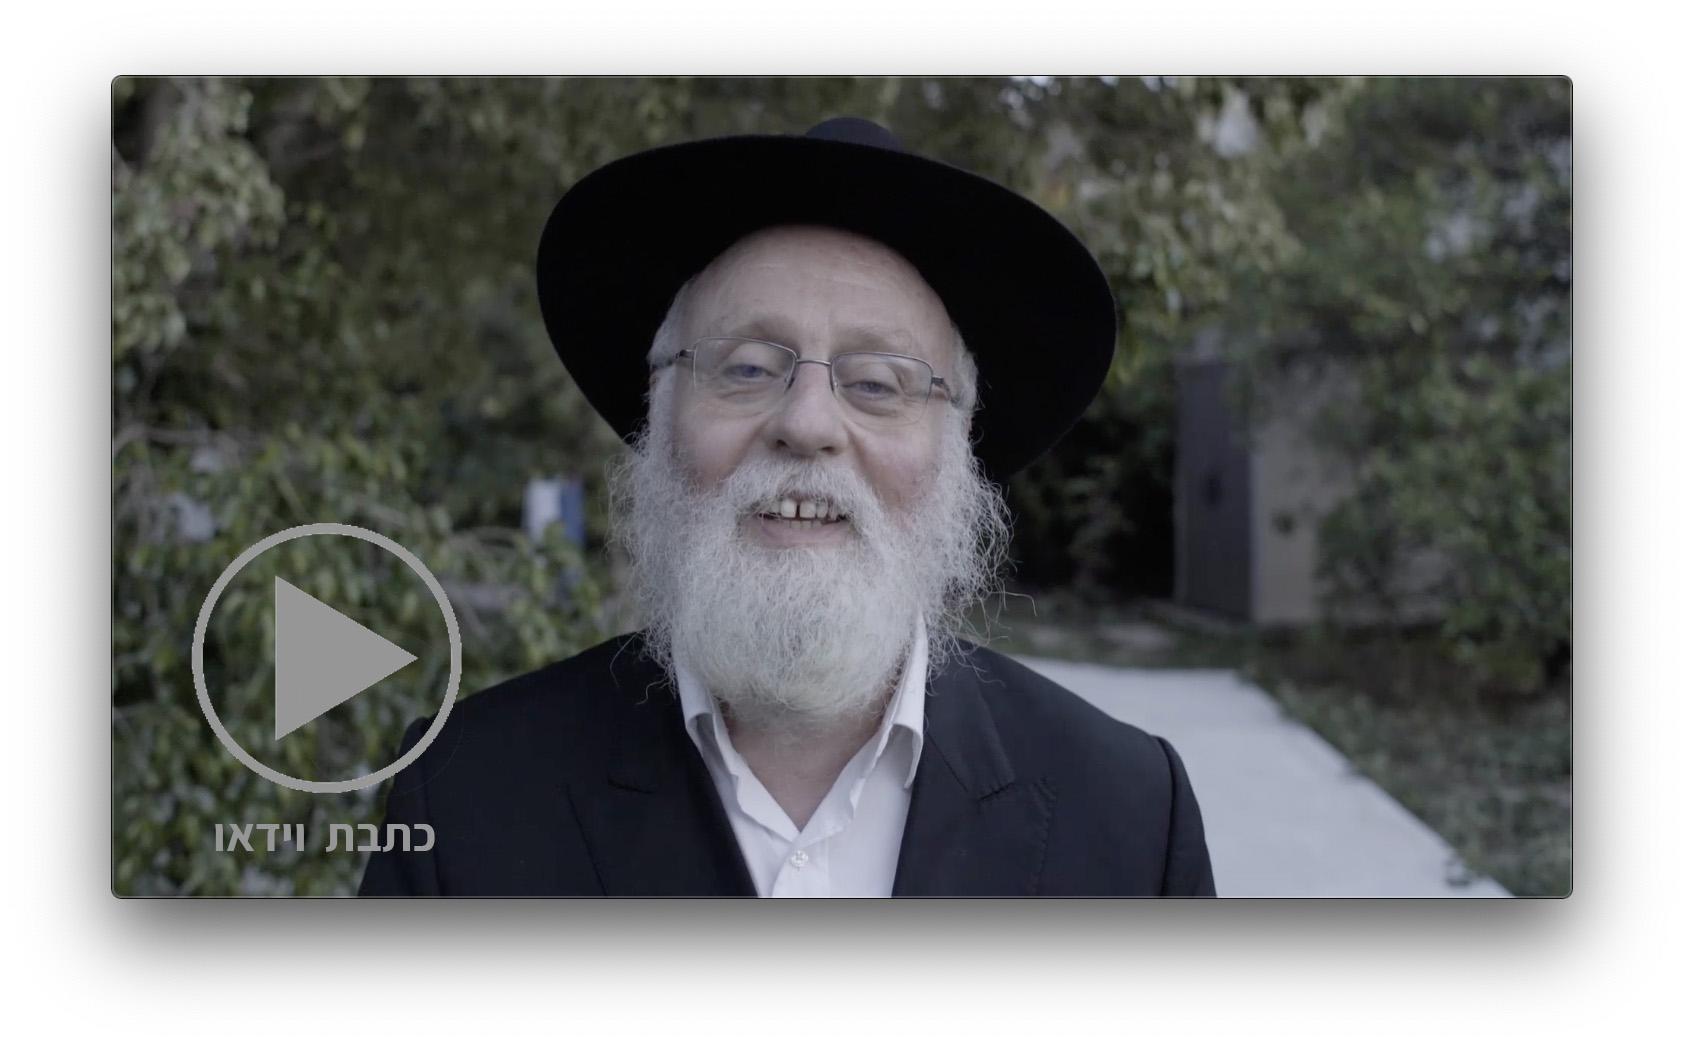 ״ר צבי הוא יהודי שיחסר מאד בעולמנו והלוואי שימצאו אנשים שינסו לחקות אותו״.